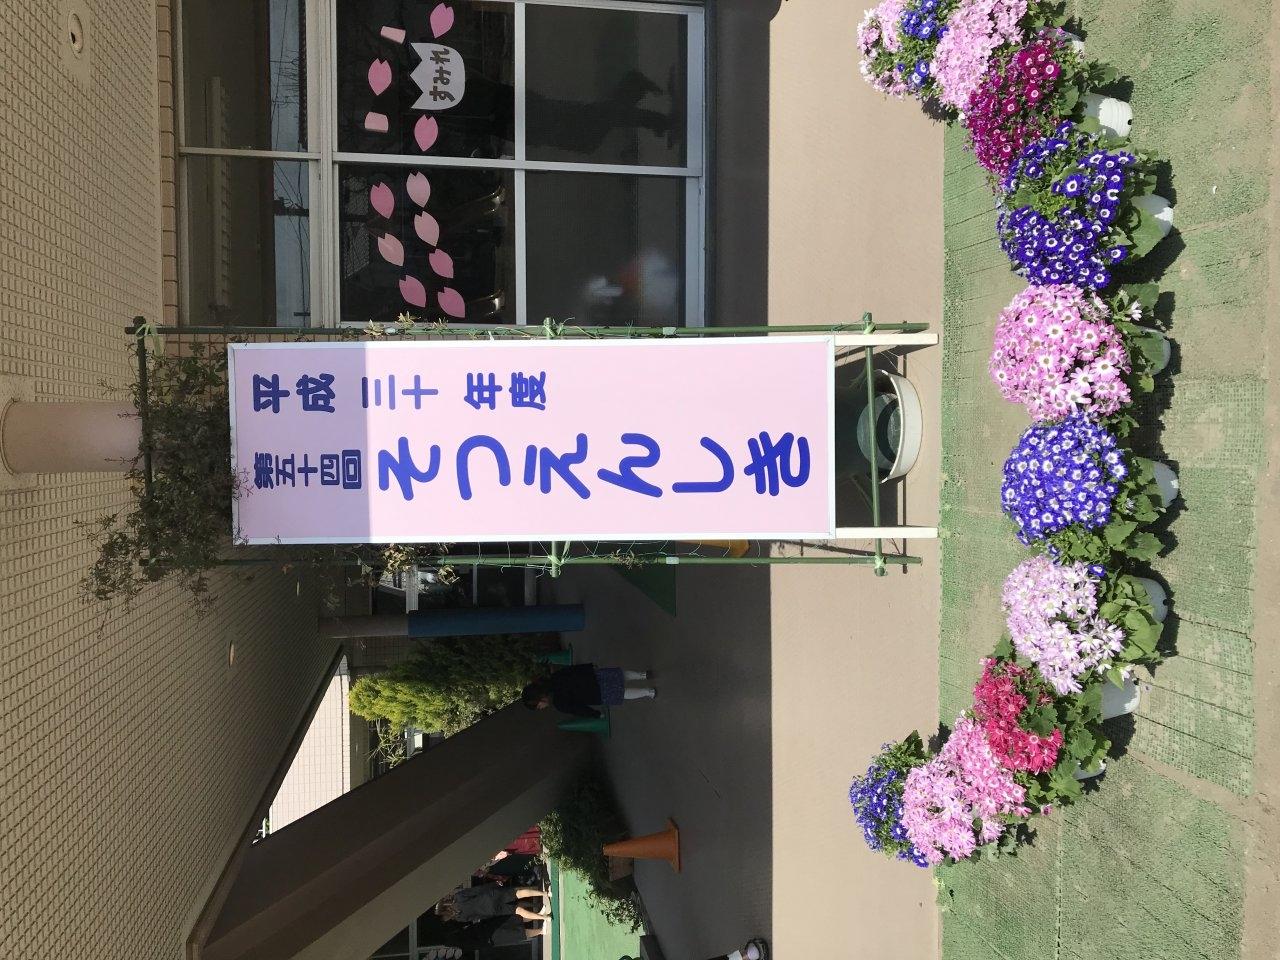 989A641C-B851-43DE-9EFA-14A5A251D5DB